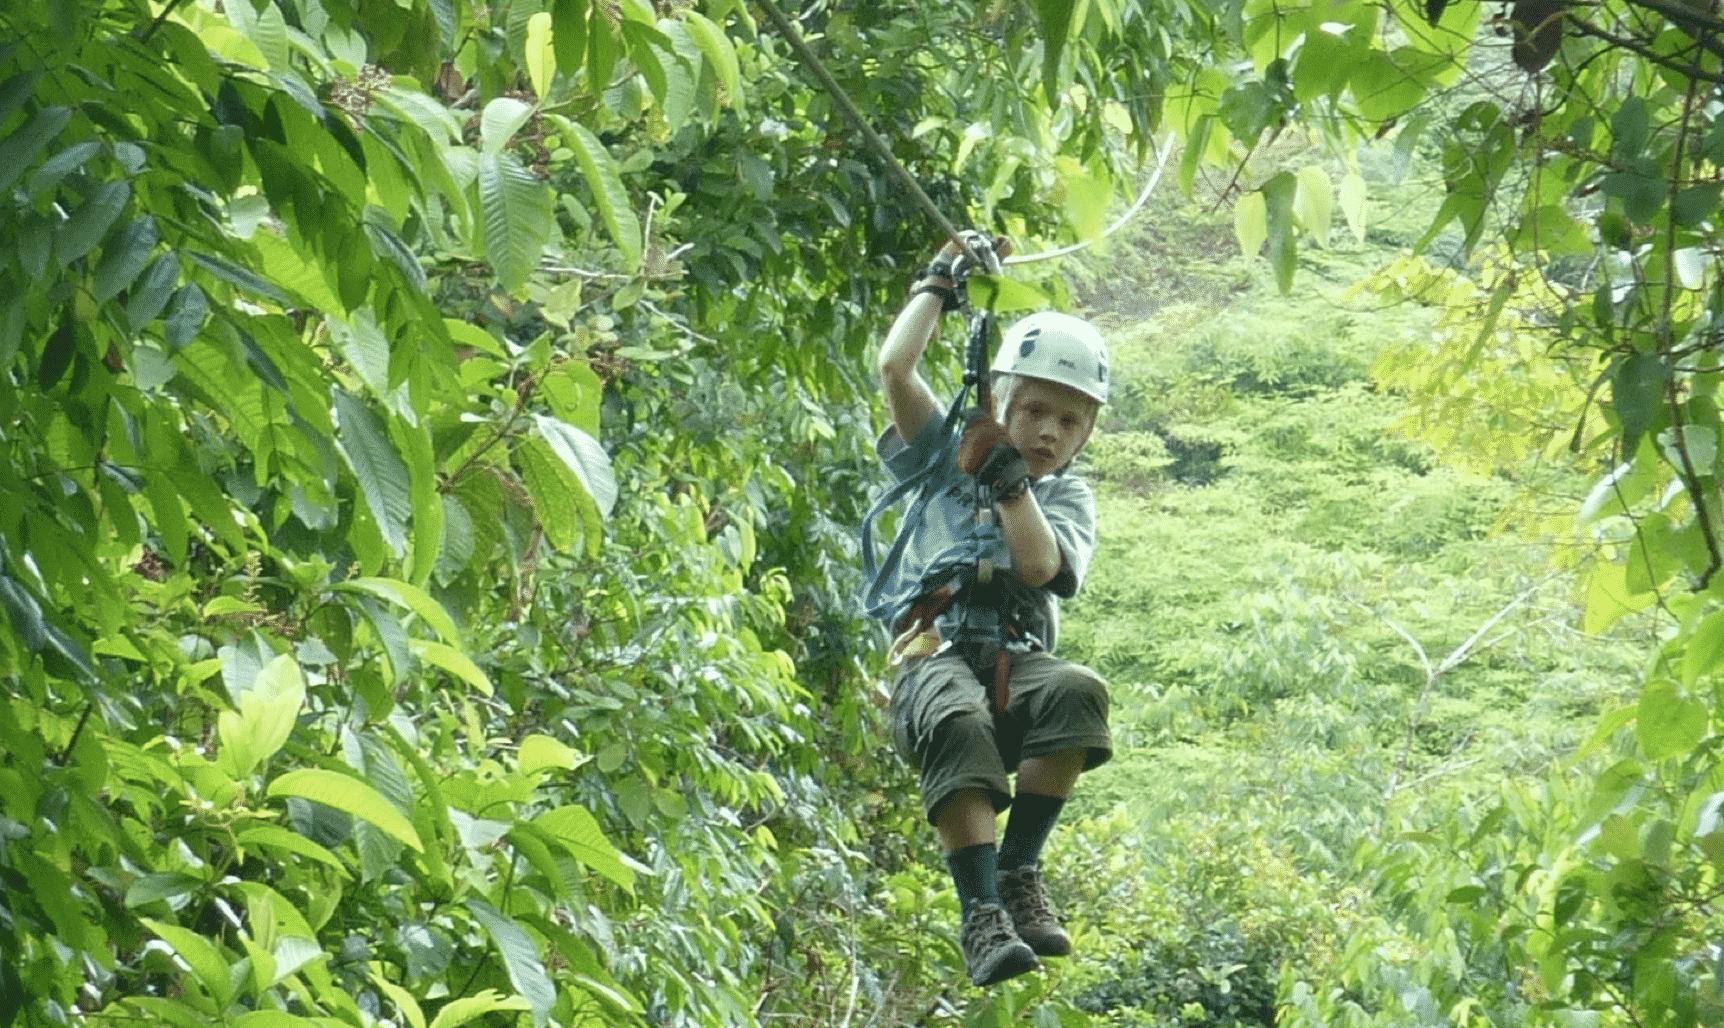 ziplining in Corcovado Costa Rica